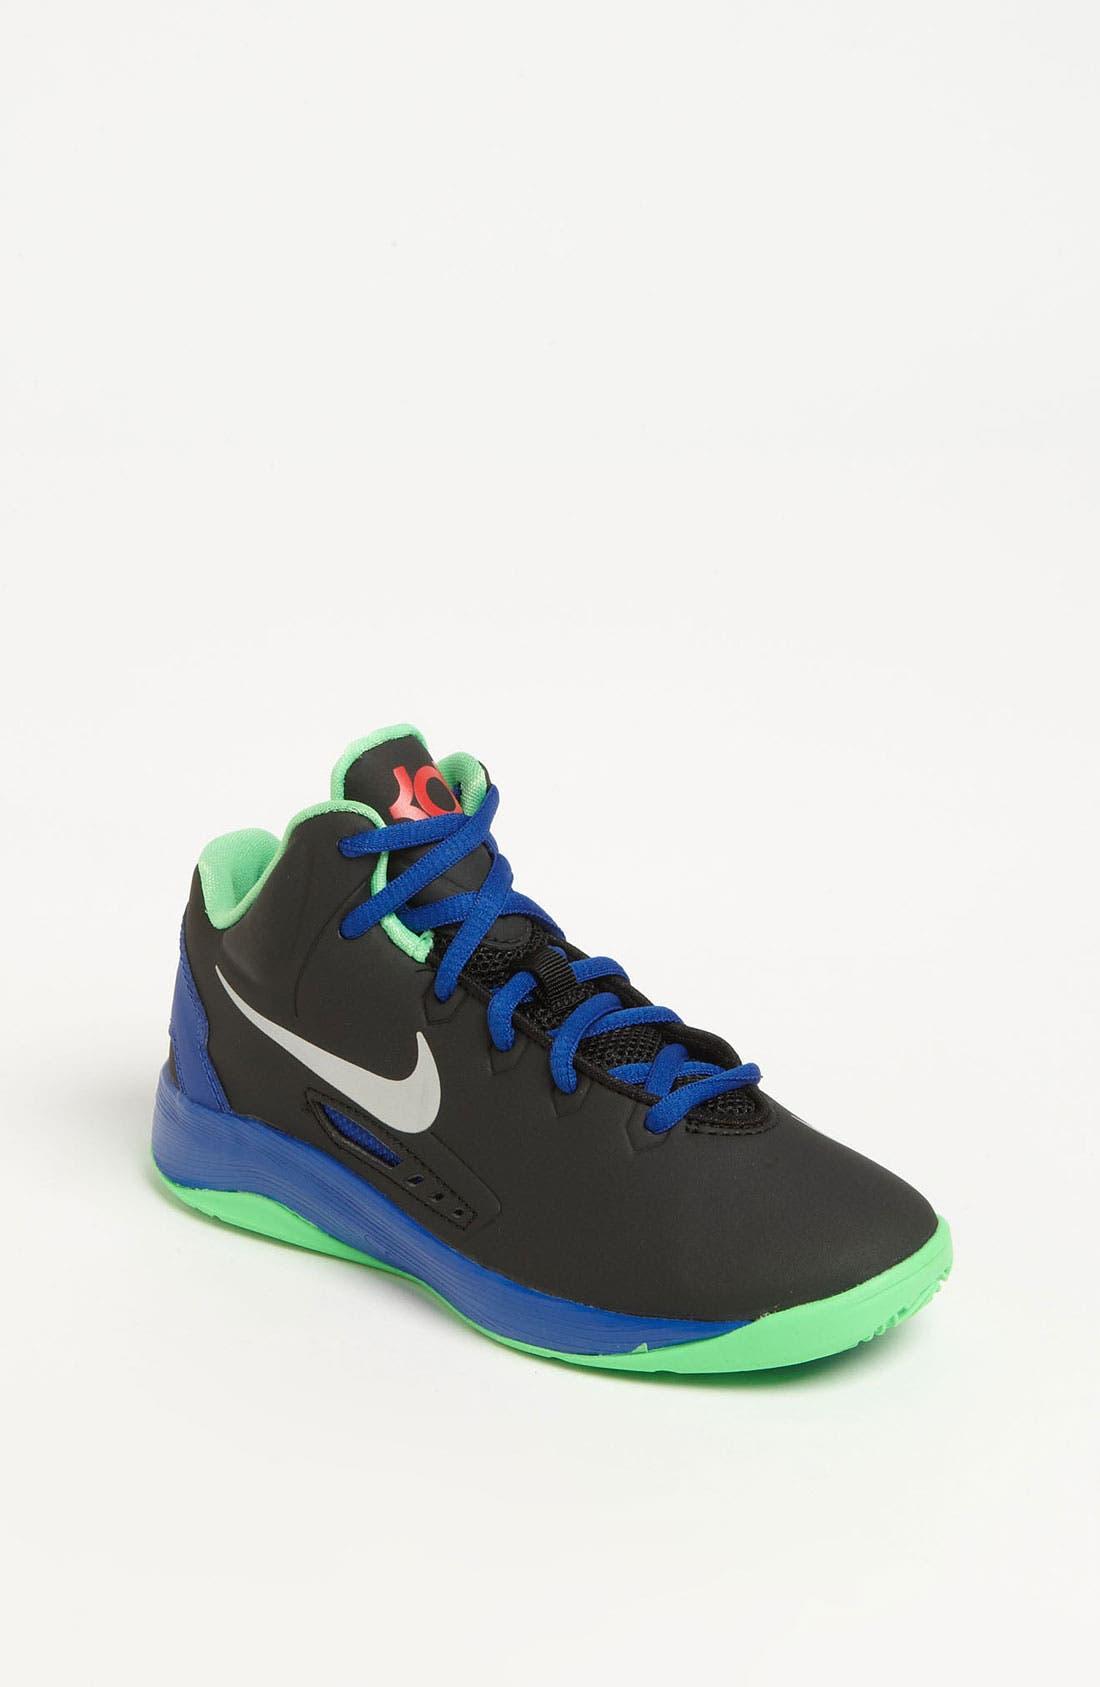 Main Image - Nike 'KD V' Athletic Sneaker (Toddler & Little Kid)